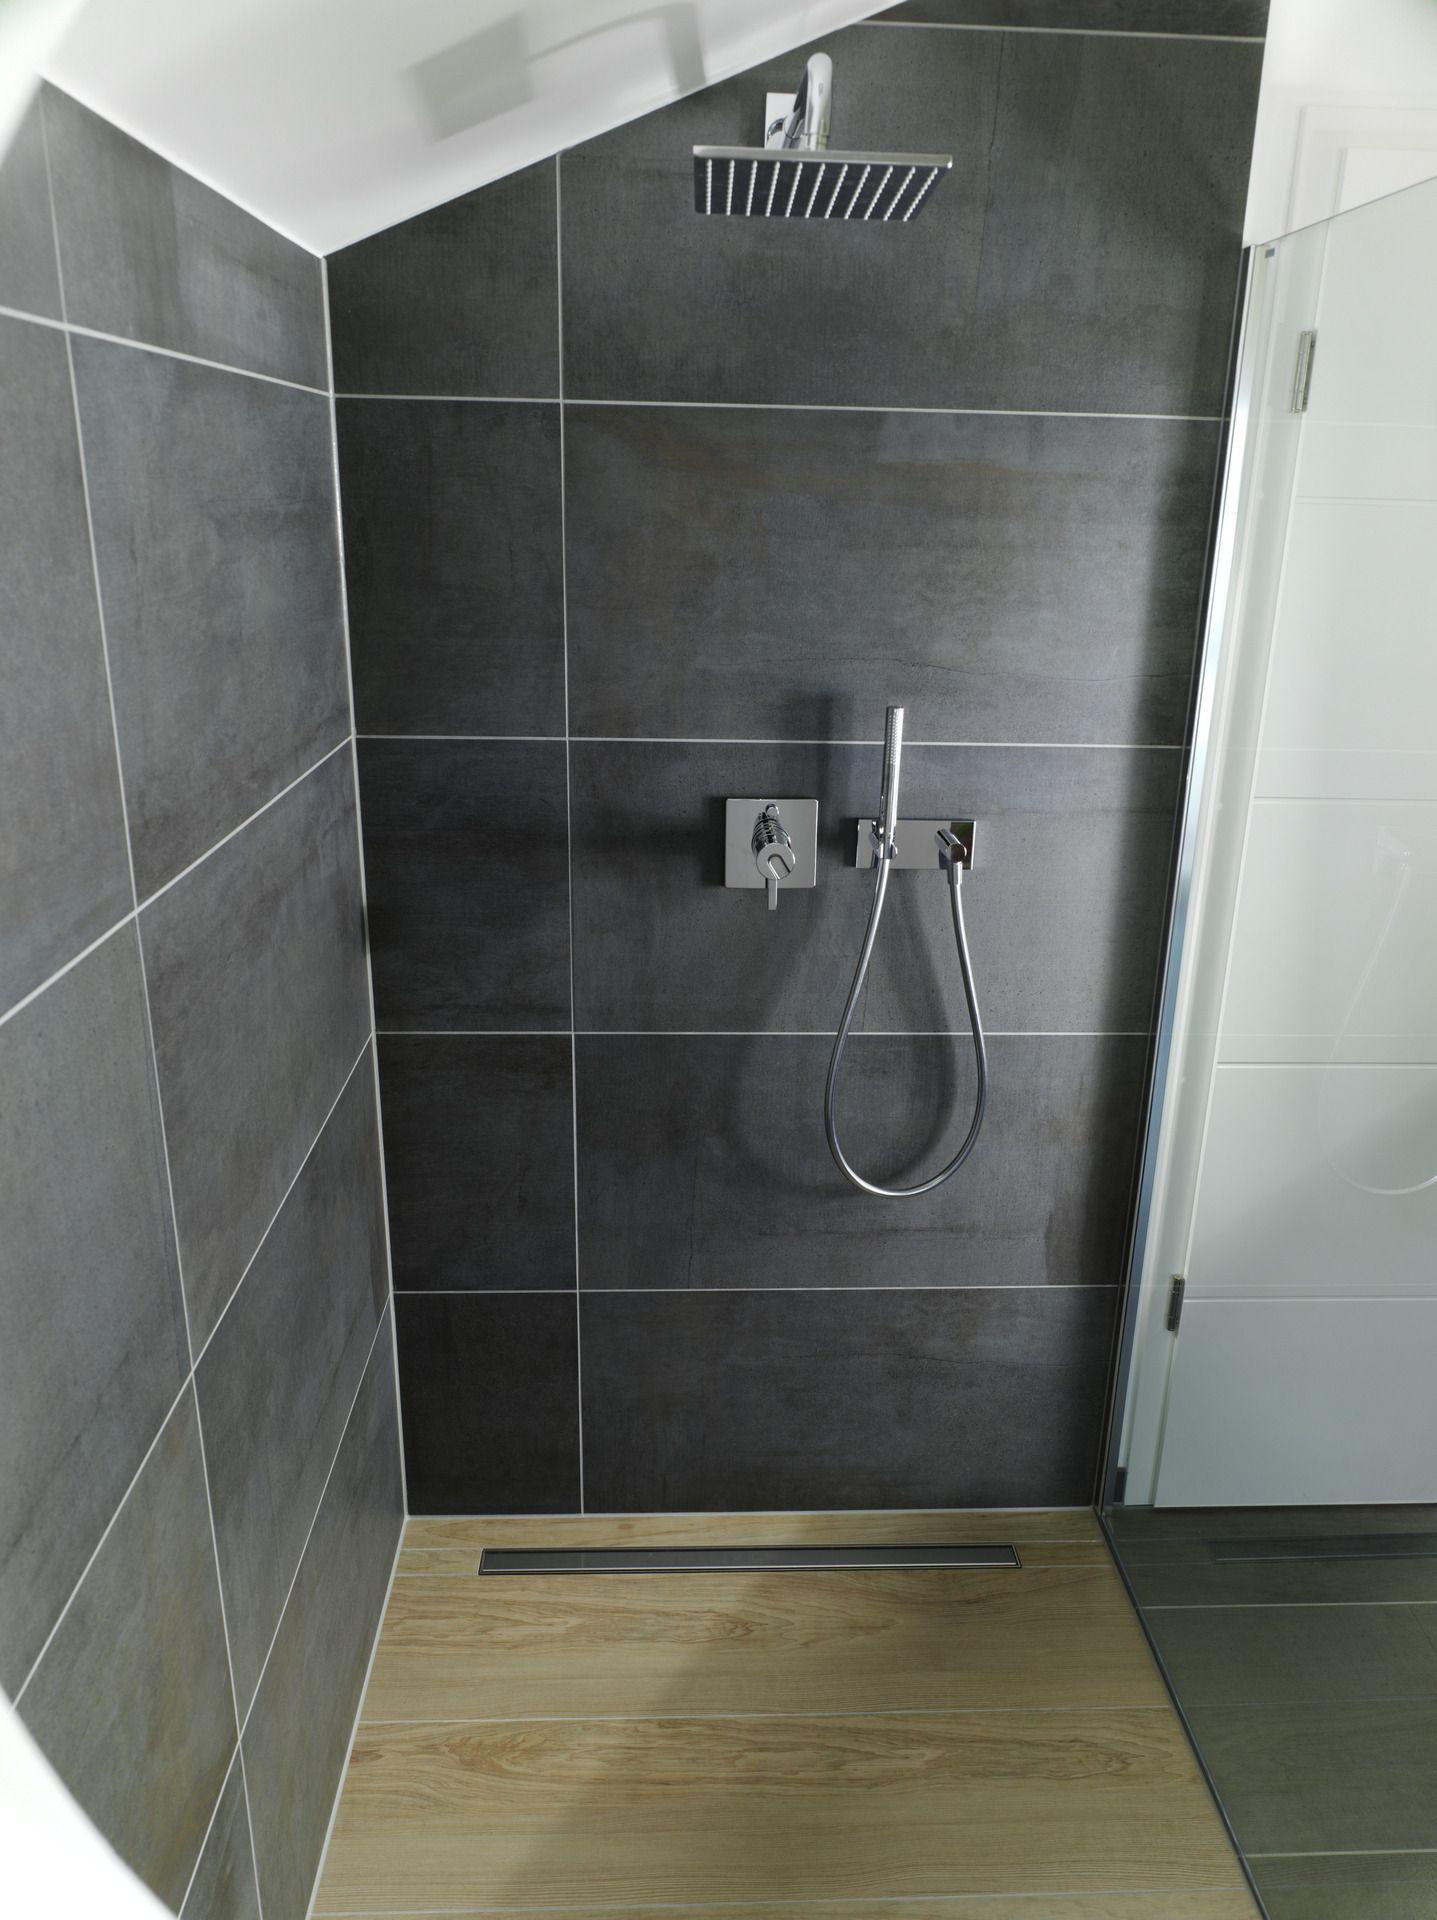 Dusche In Isowood Fertighaus Mit Bodengleicher Dusche In Holzoptik